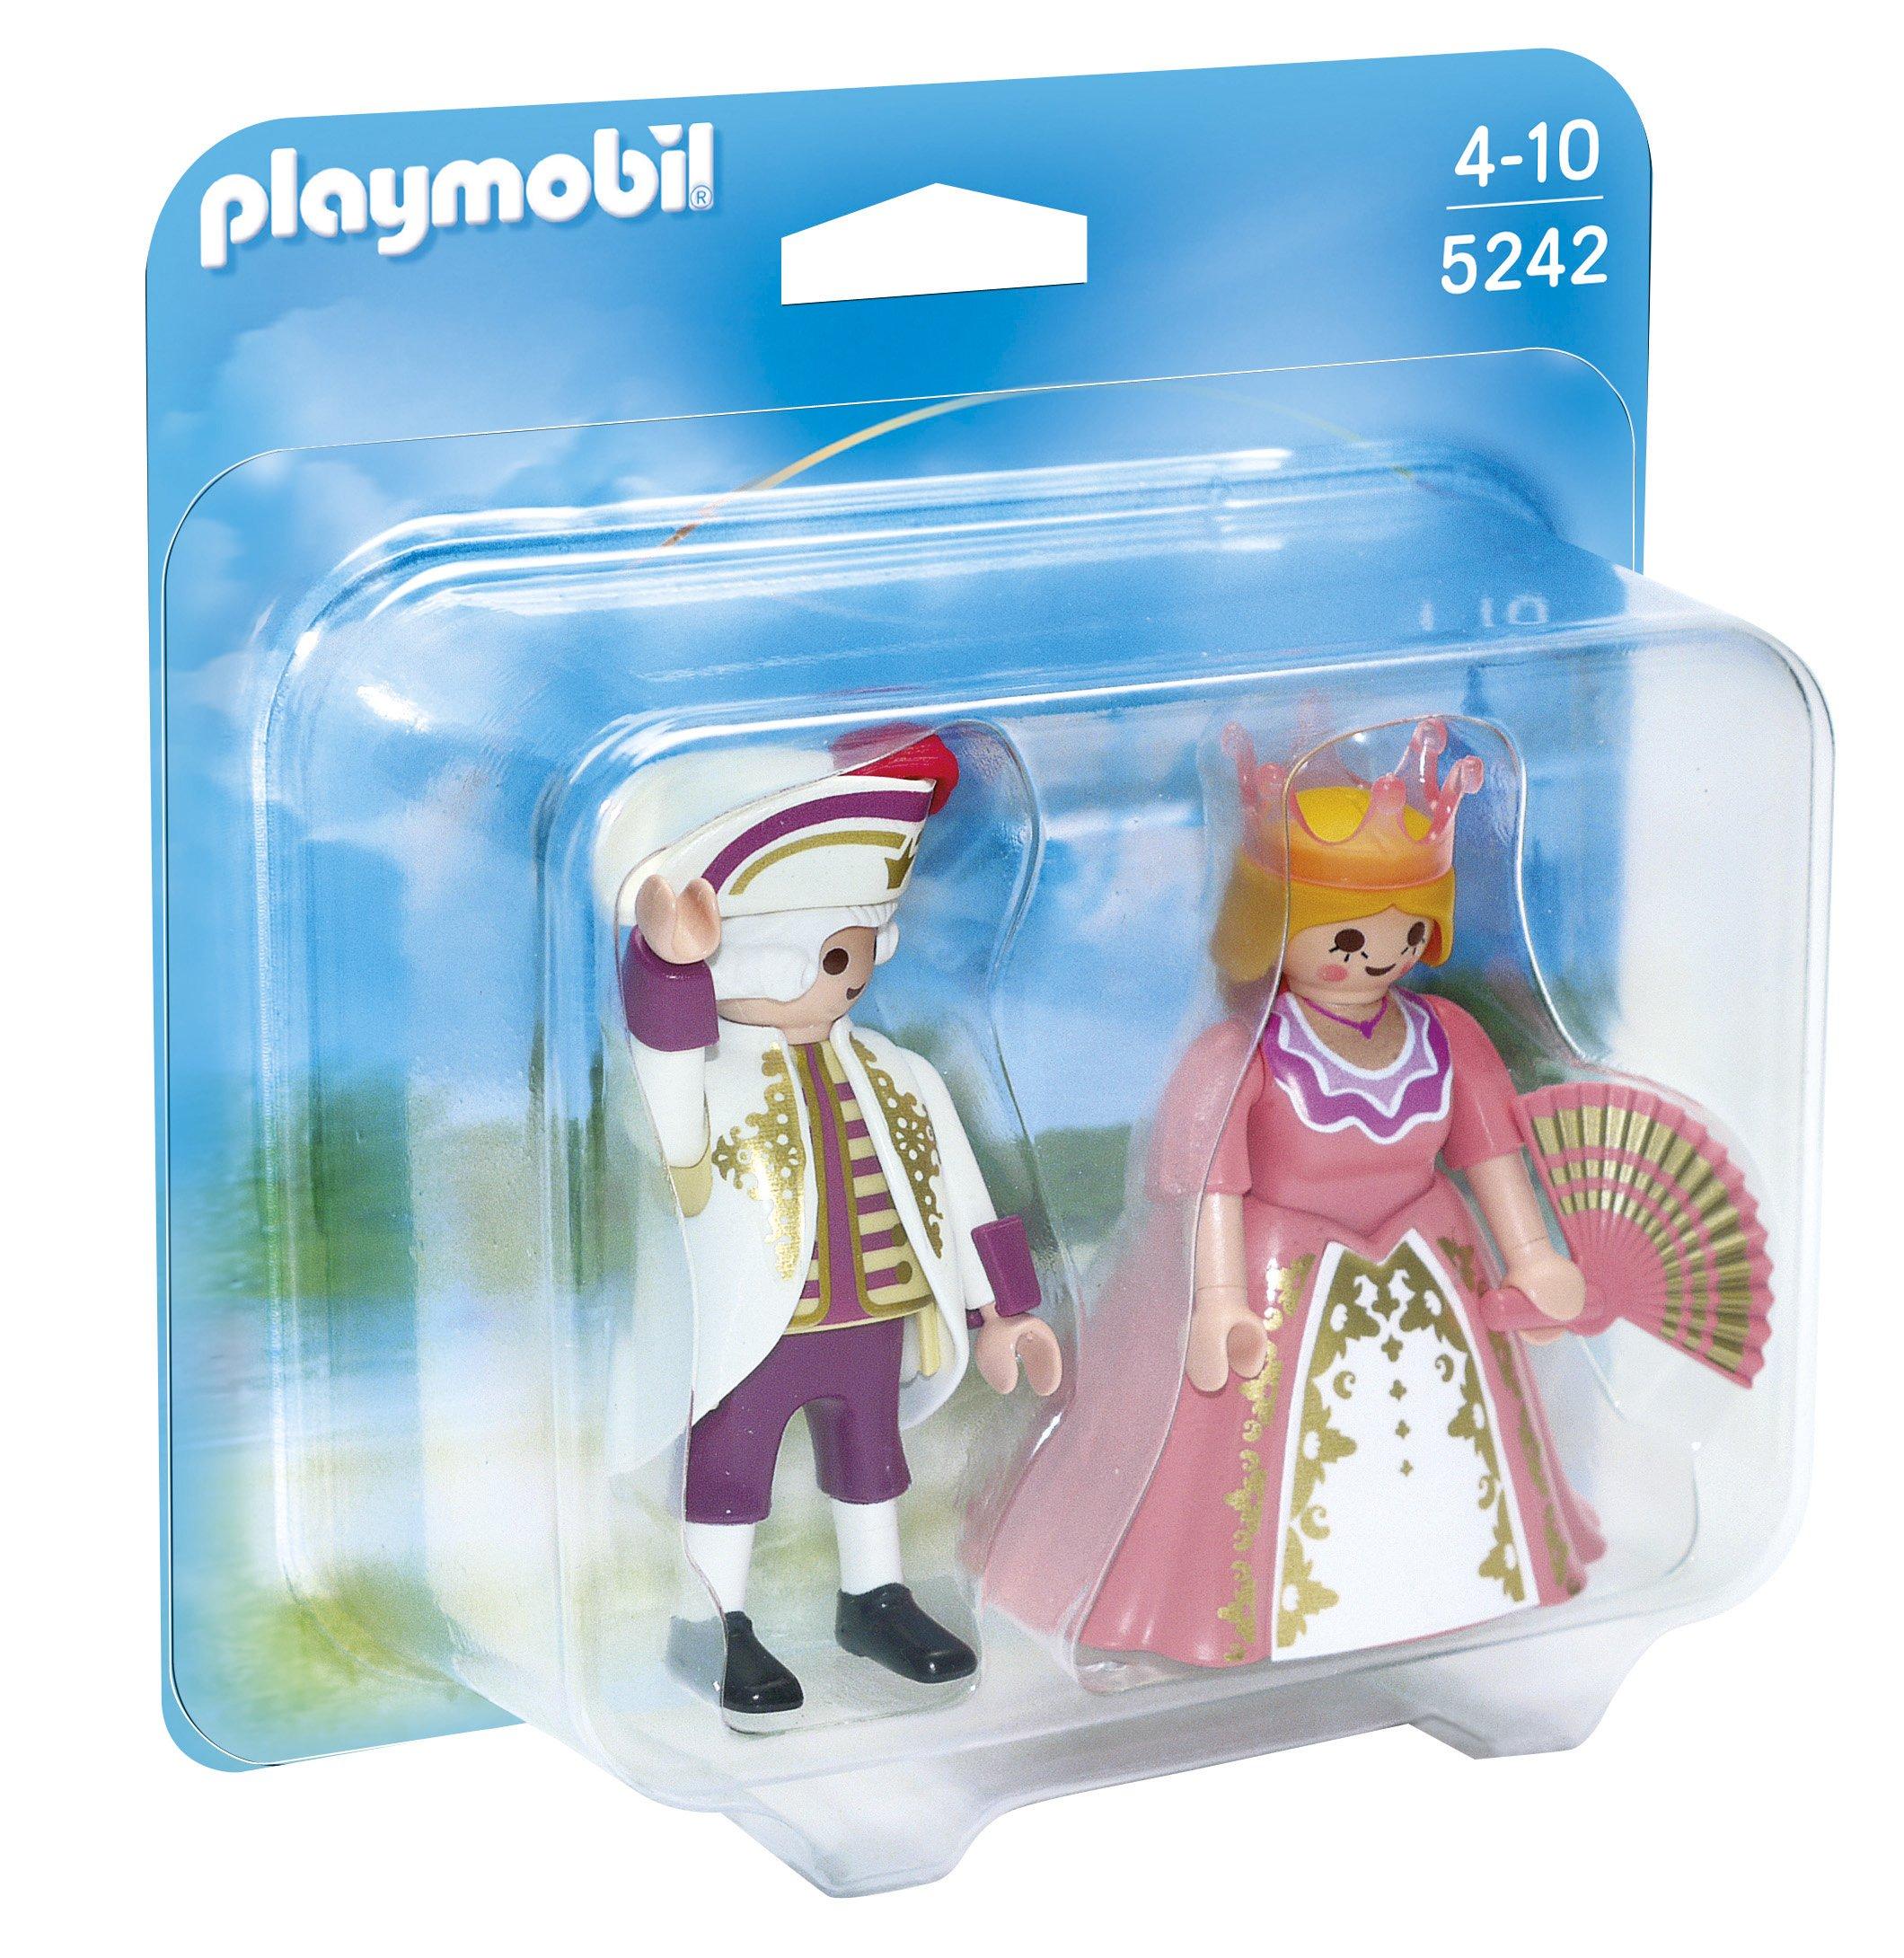 PLAYMOBIL Duo Pack - Duque y Duquesa (5242): Amazon.es: Juguetes y ...